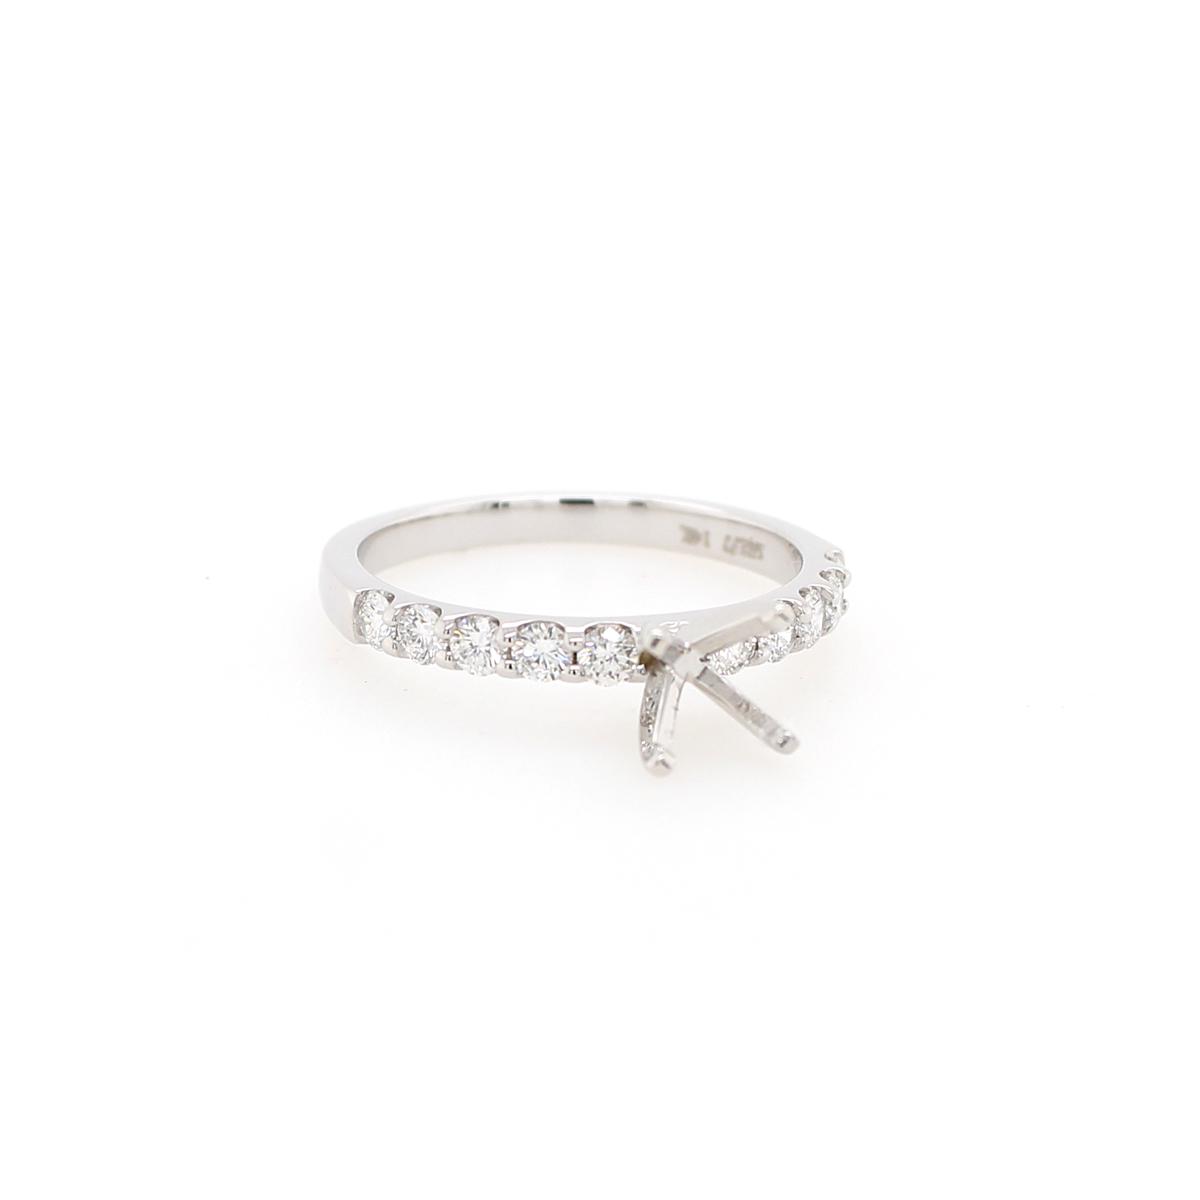 14 Karat White Gold .5 Carat Diamond Semi-Mount Engagement Ring